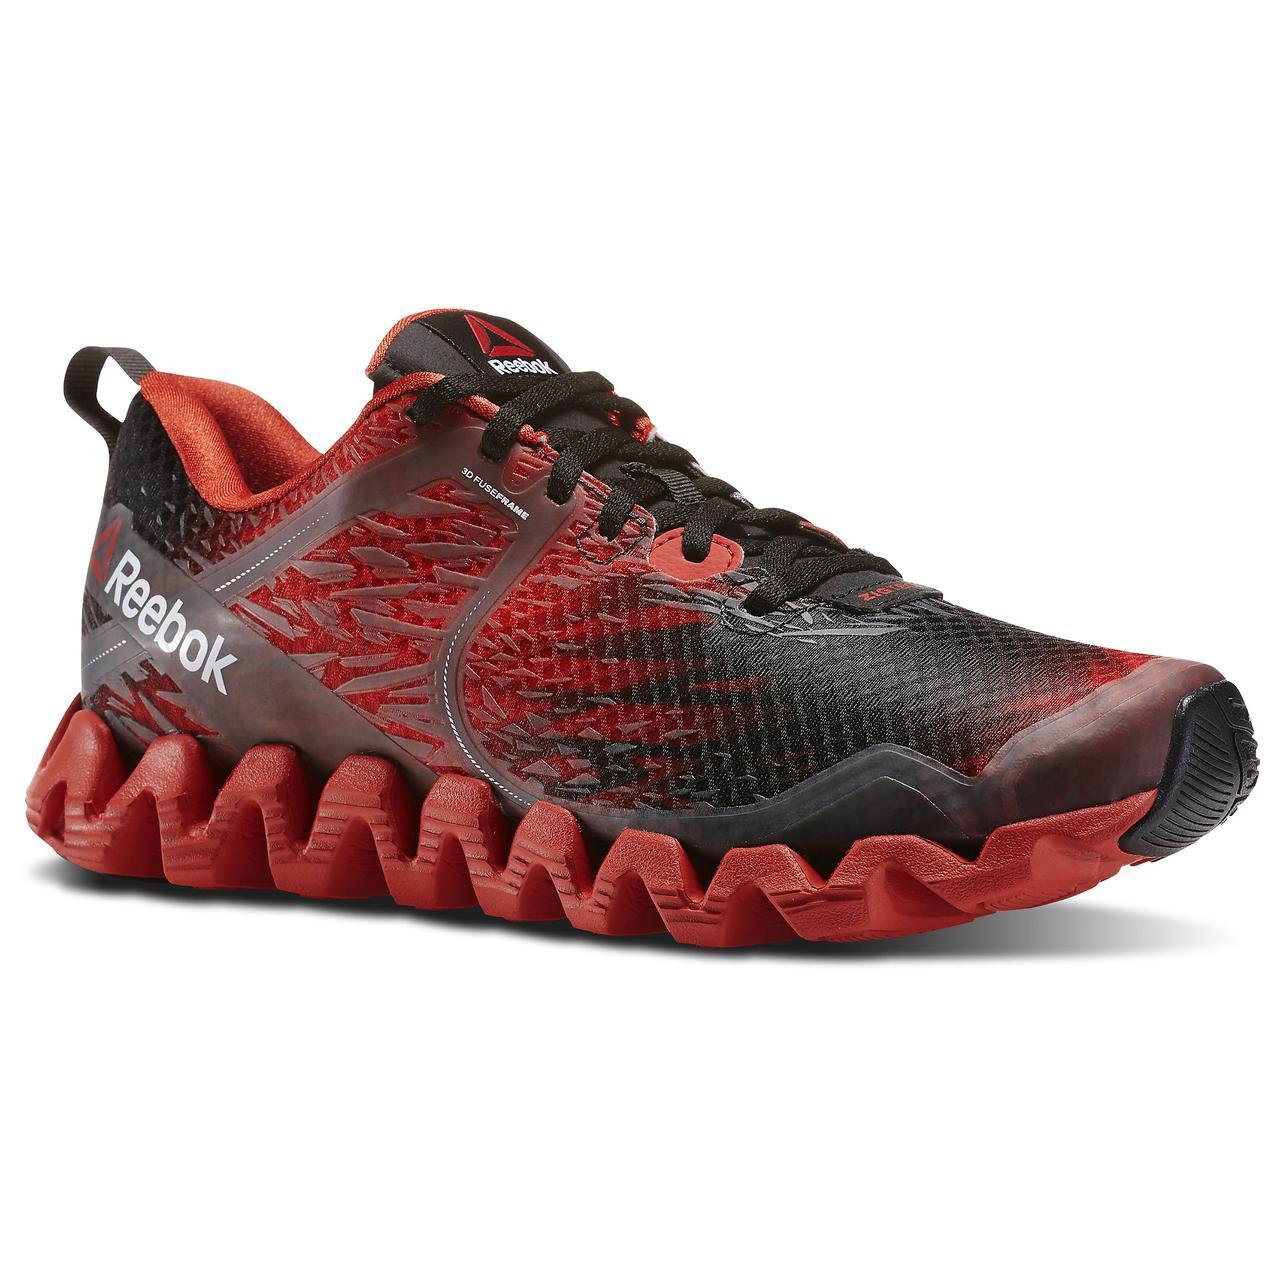 Мужские Кроссовки для бега Reebok ZIG SQUARED CRUZ V72070 -  Интернет-магазин спортивной одежды и 8e99166ff1e